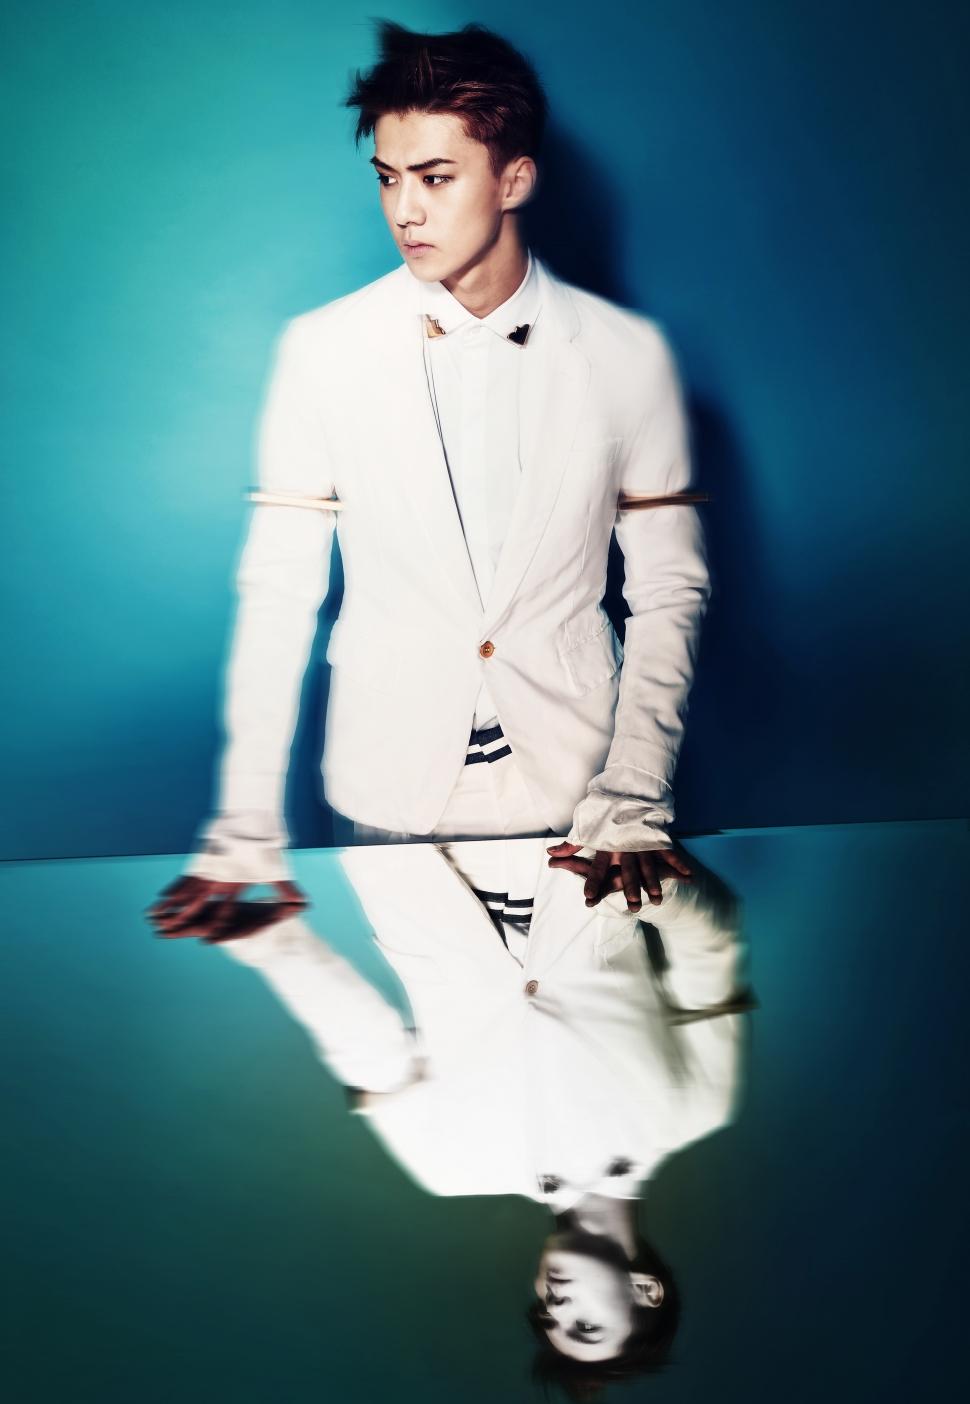 7일(수), EXO 미니 앨범 2집 (타이틀곡:중독(Overdose)) 발매 예정 | instiz